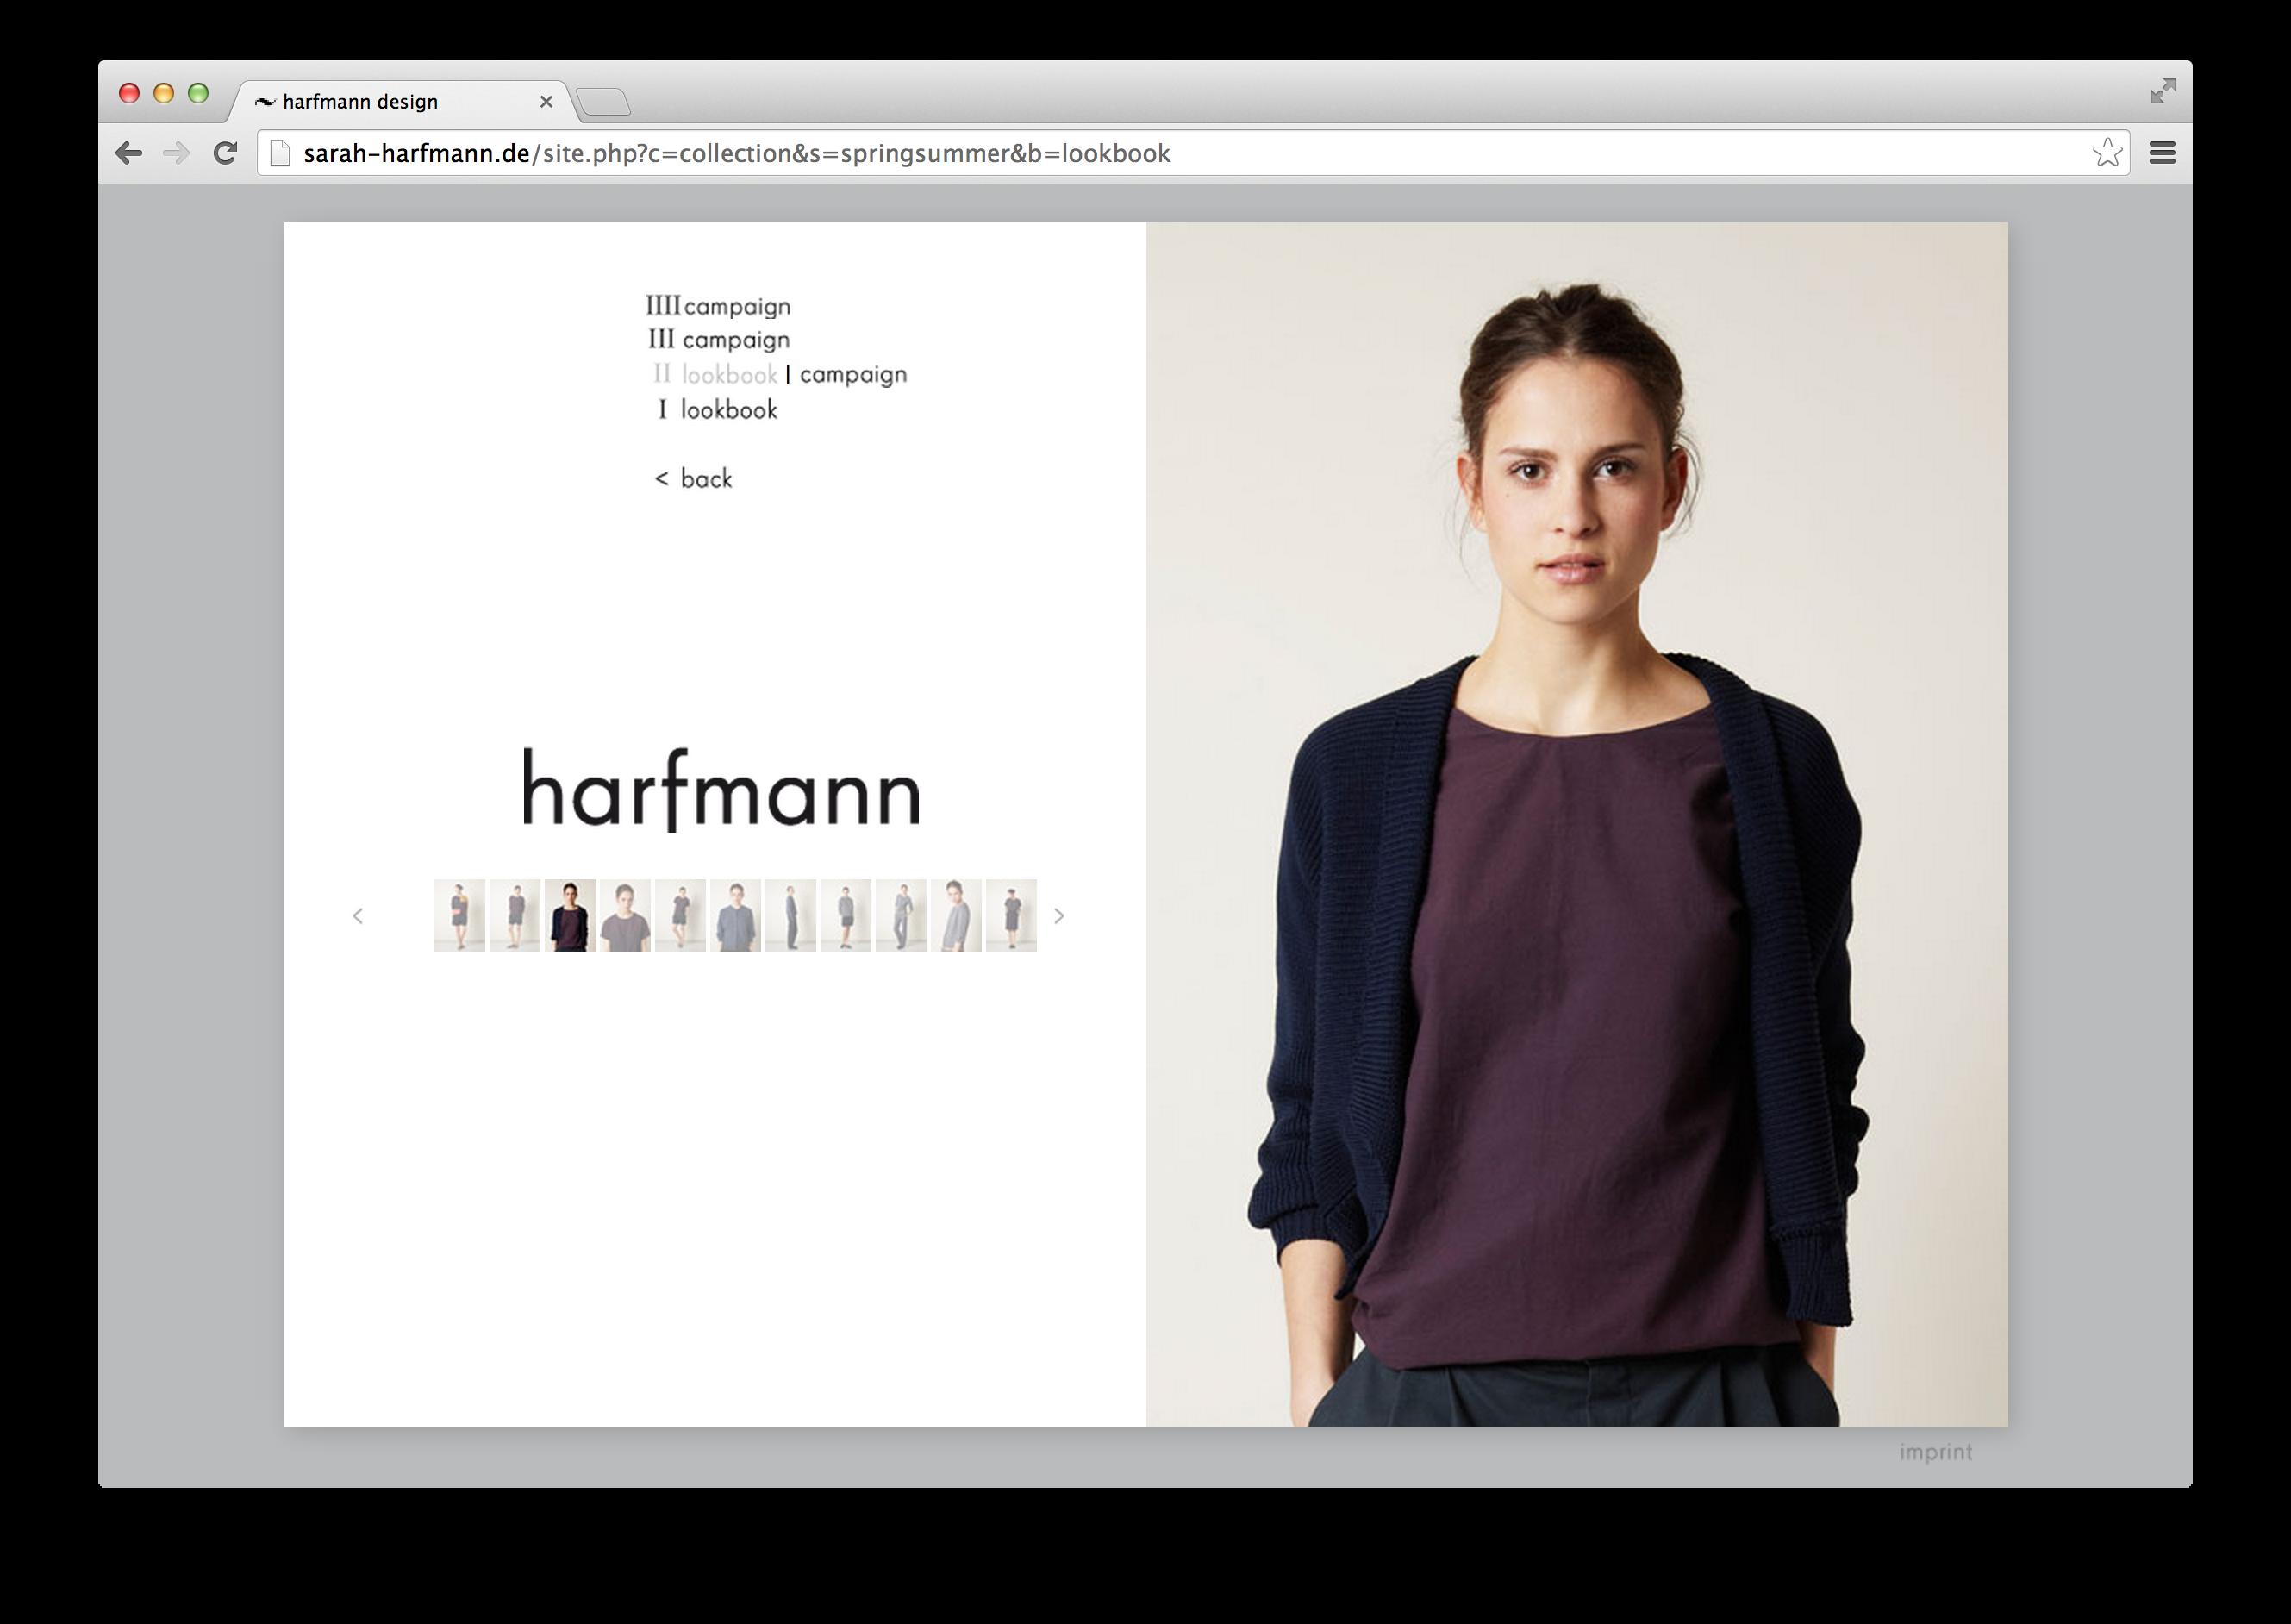 harfmann-4